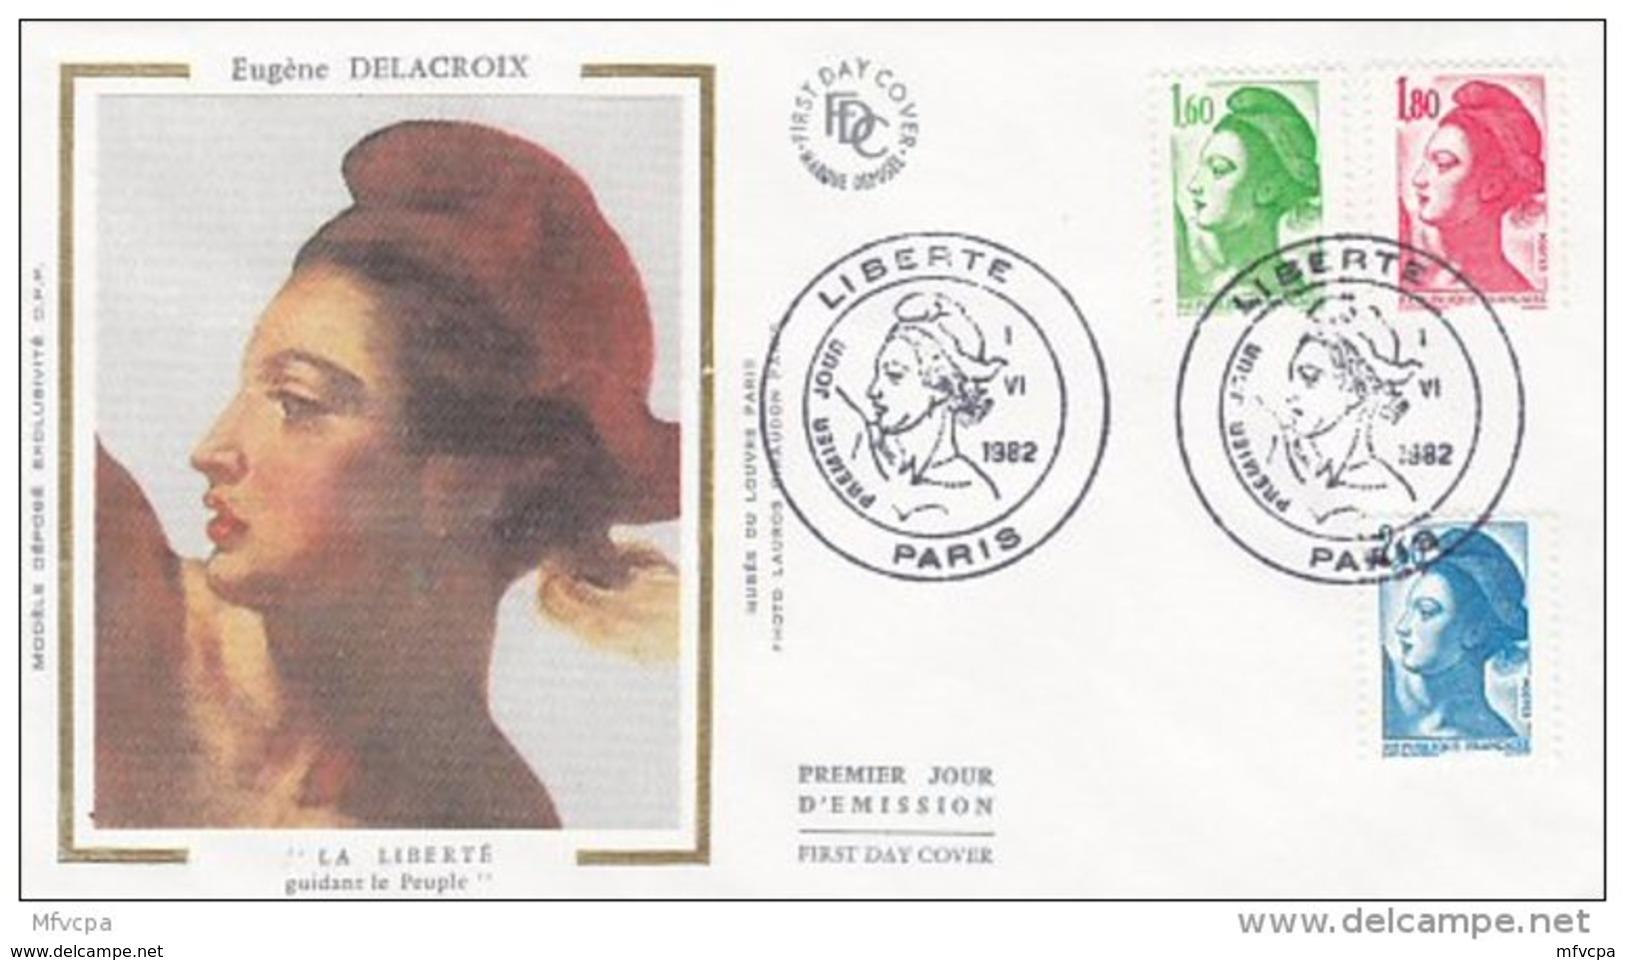 L4R027 FRANCE 1982 FDC Liberté 1,60 1,80 2,60f Paris S 01 06 1982 /envel.  Illus. - 1982-90 Liberté De Gandon